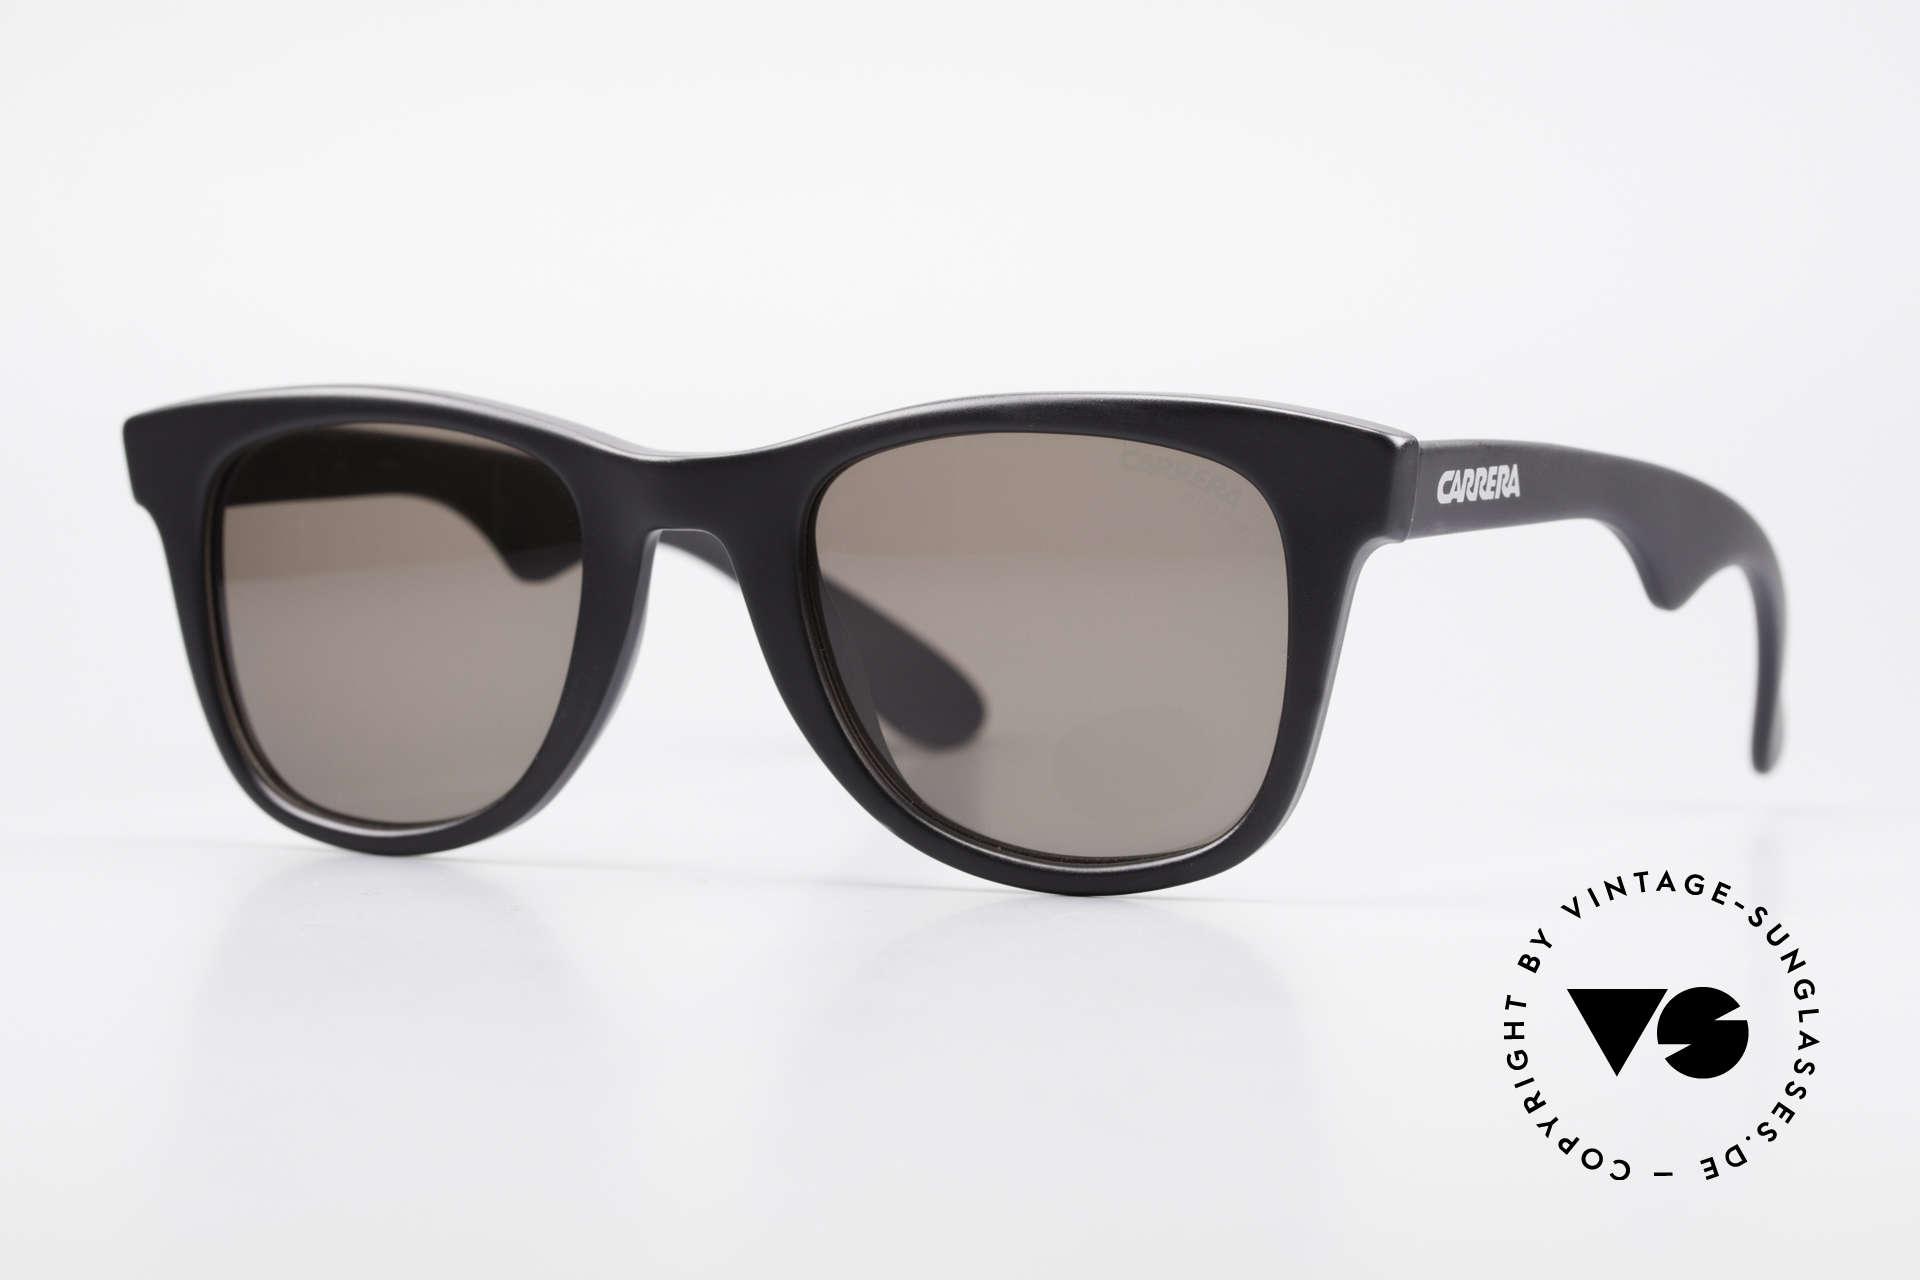 Carrera 5447 Sonnenbrille Im Wayfarer Stil, vintage Carrera Sonnenbrille aus den 90er Jahren, Passend für Herren und Damen